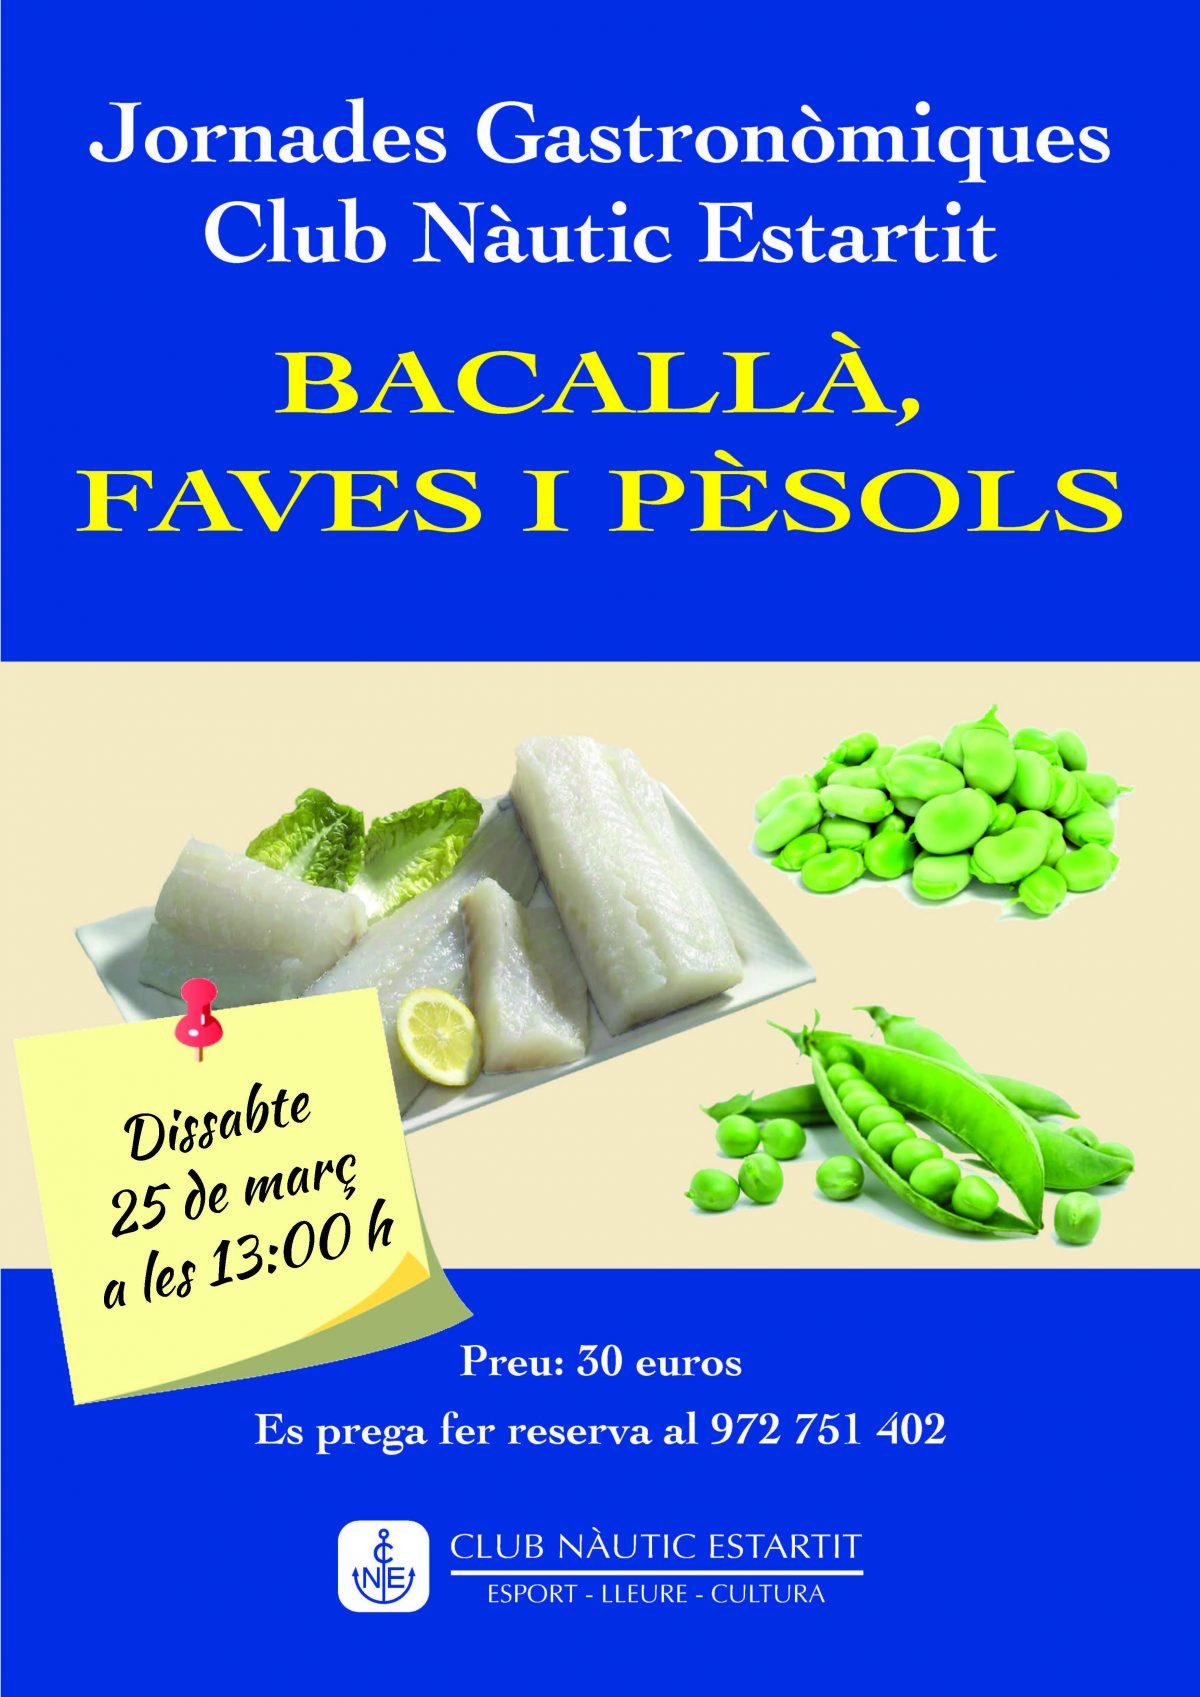 jornada gastronomica bacalla, faves i pesols